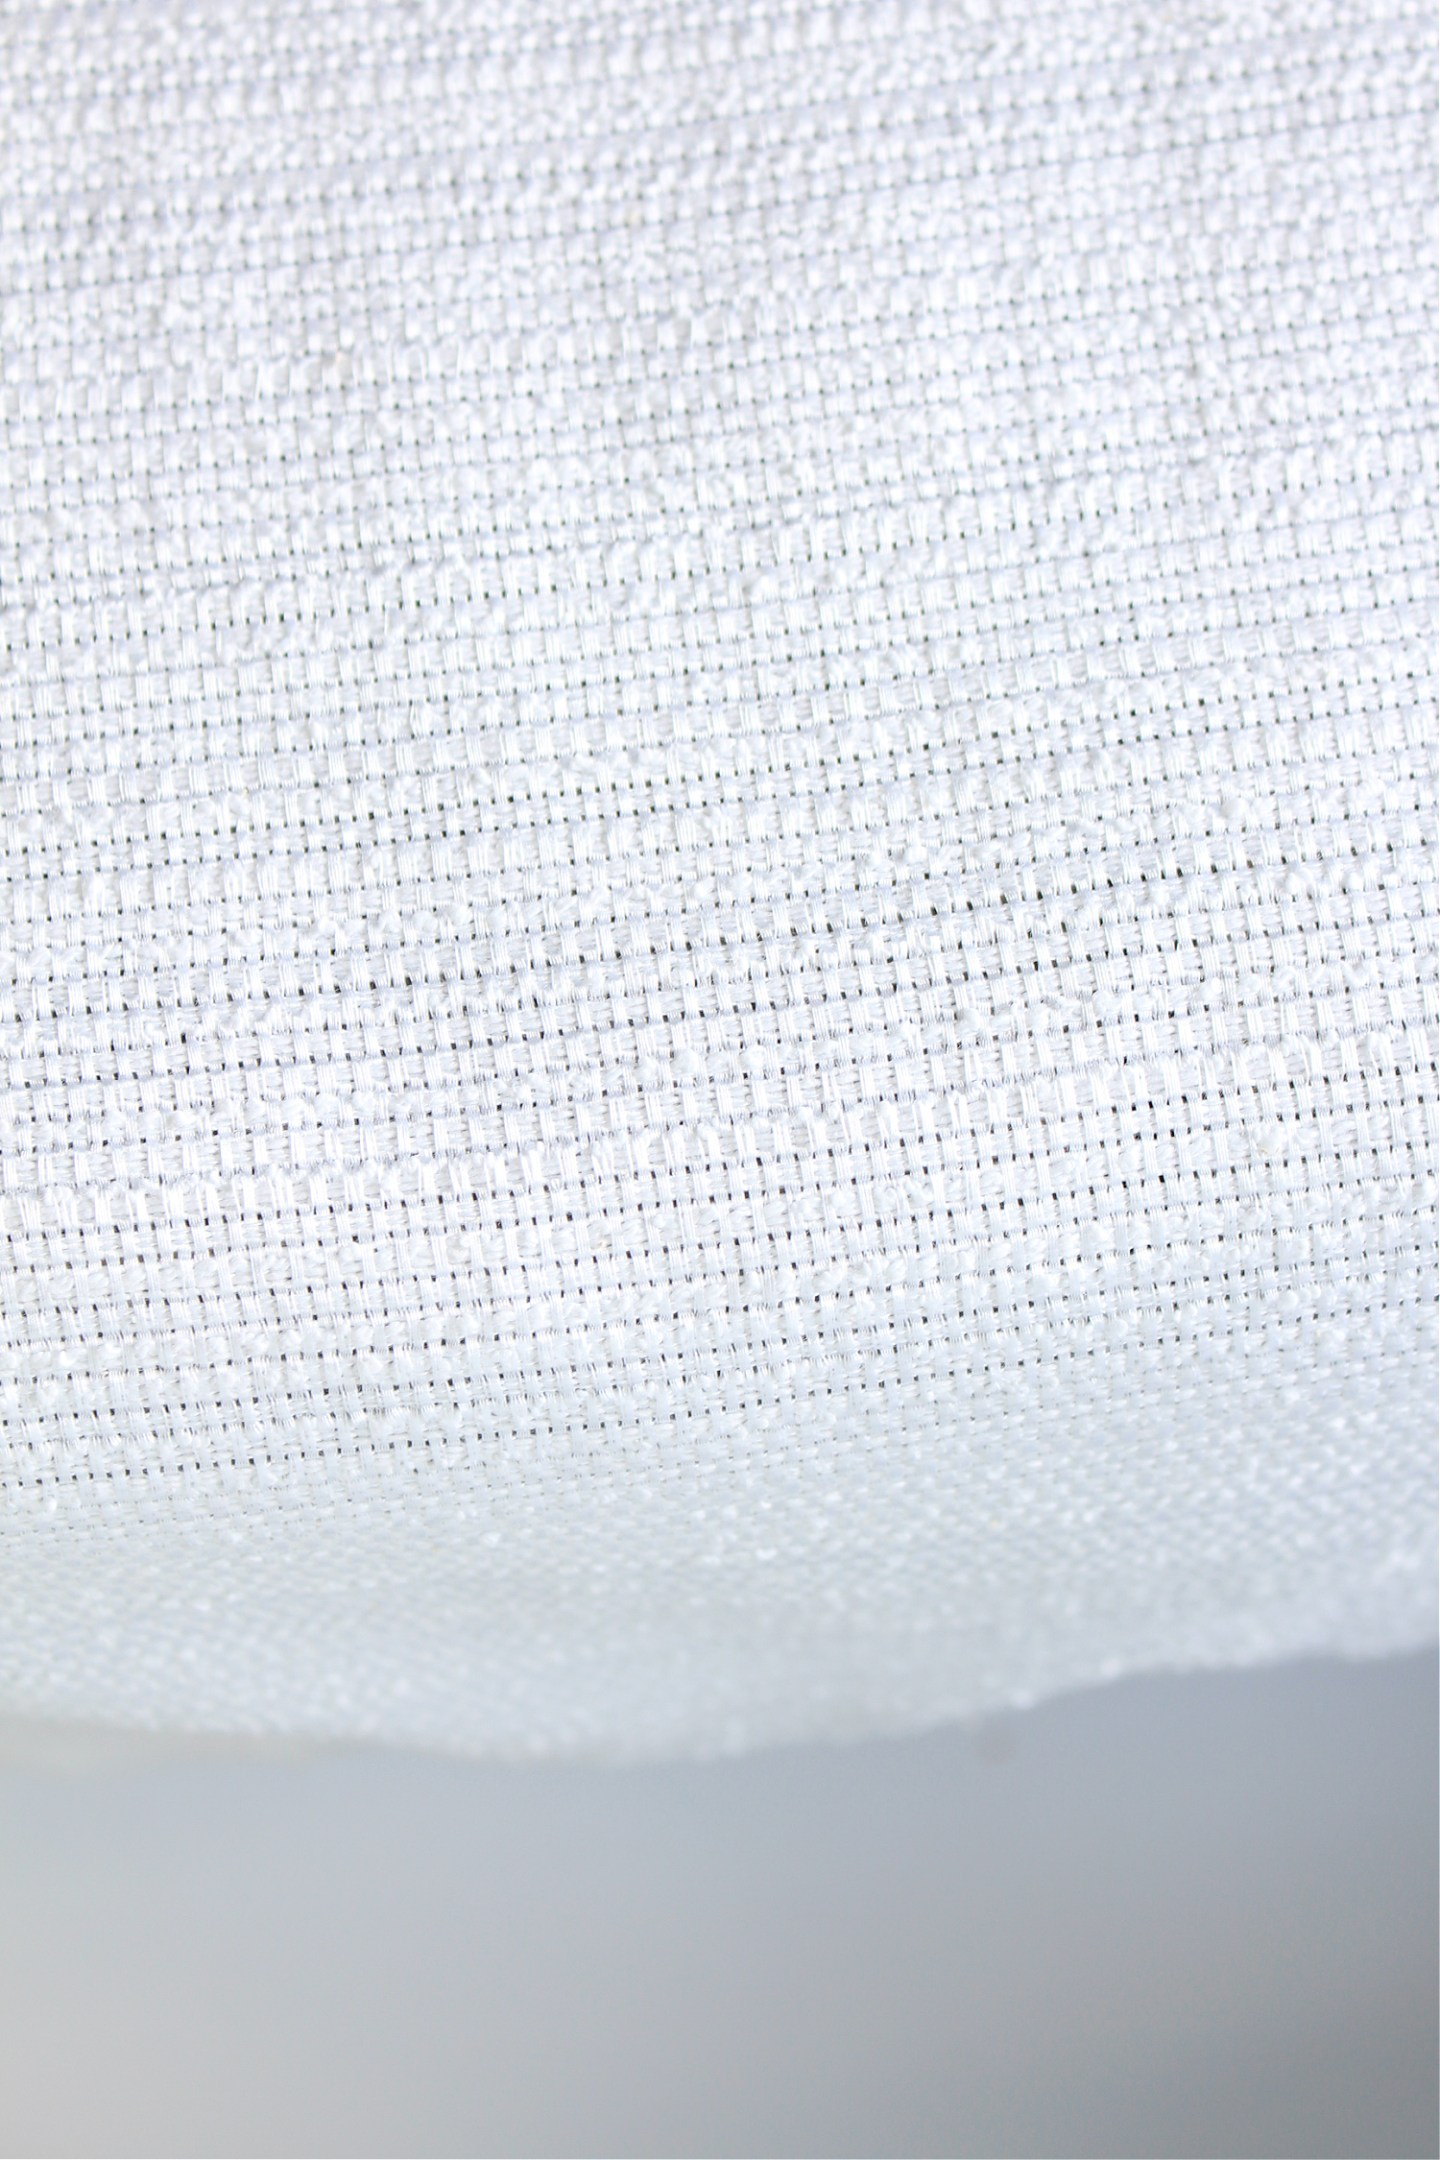 Textured White Table Runner